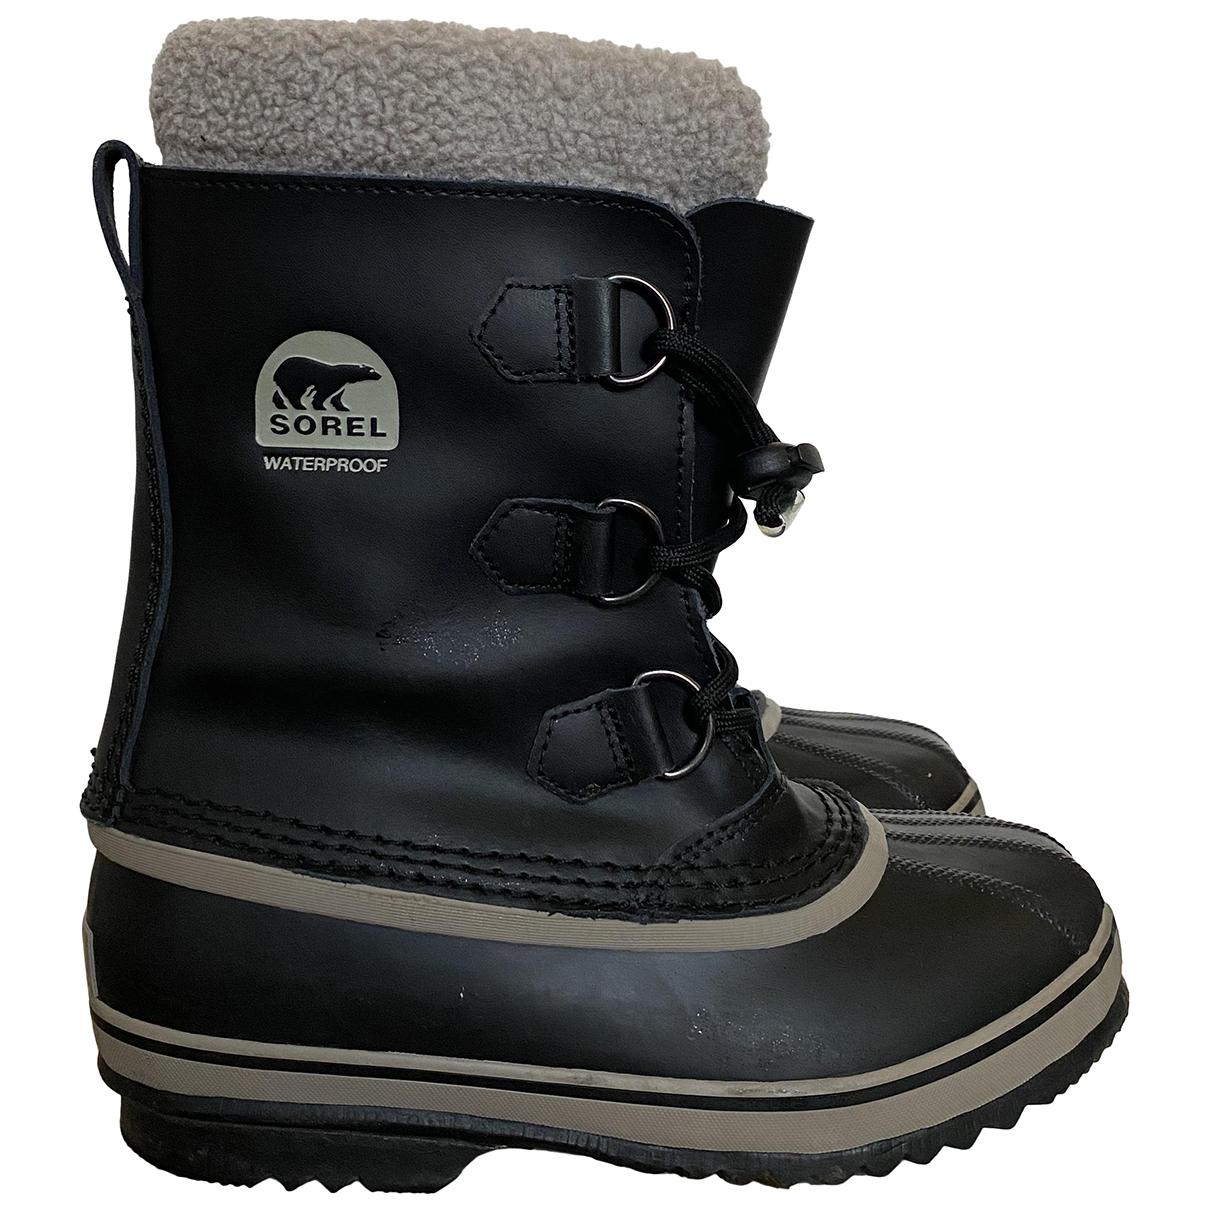 Sorel N Black Rubber Boots for Kids 35 FR